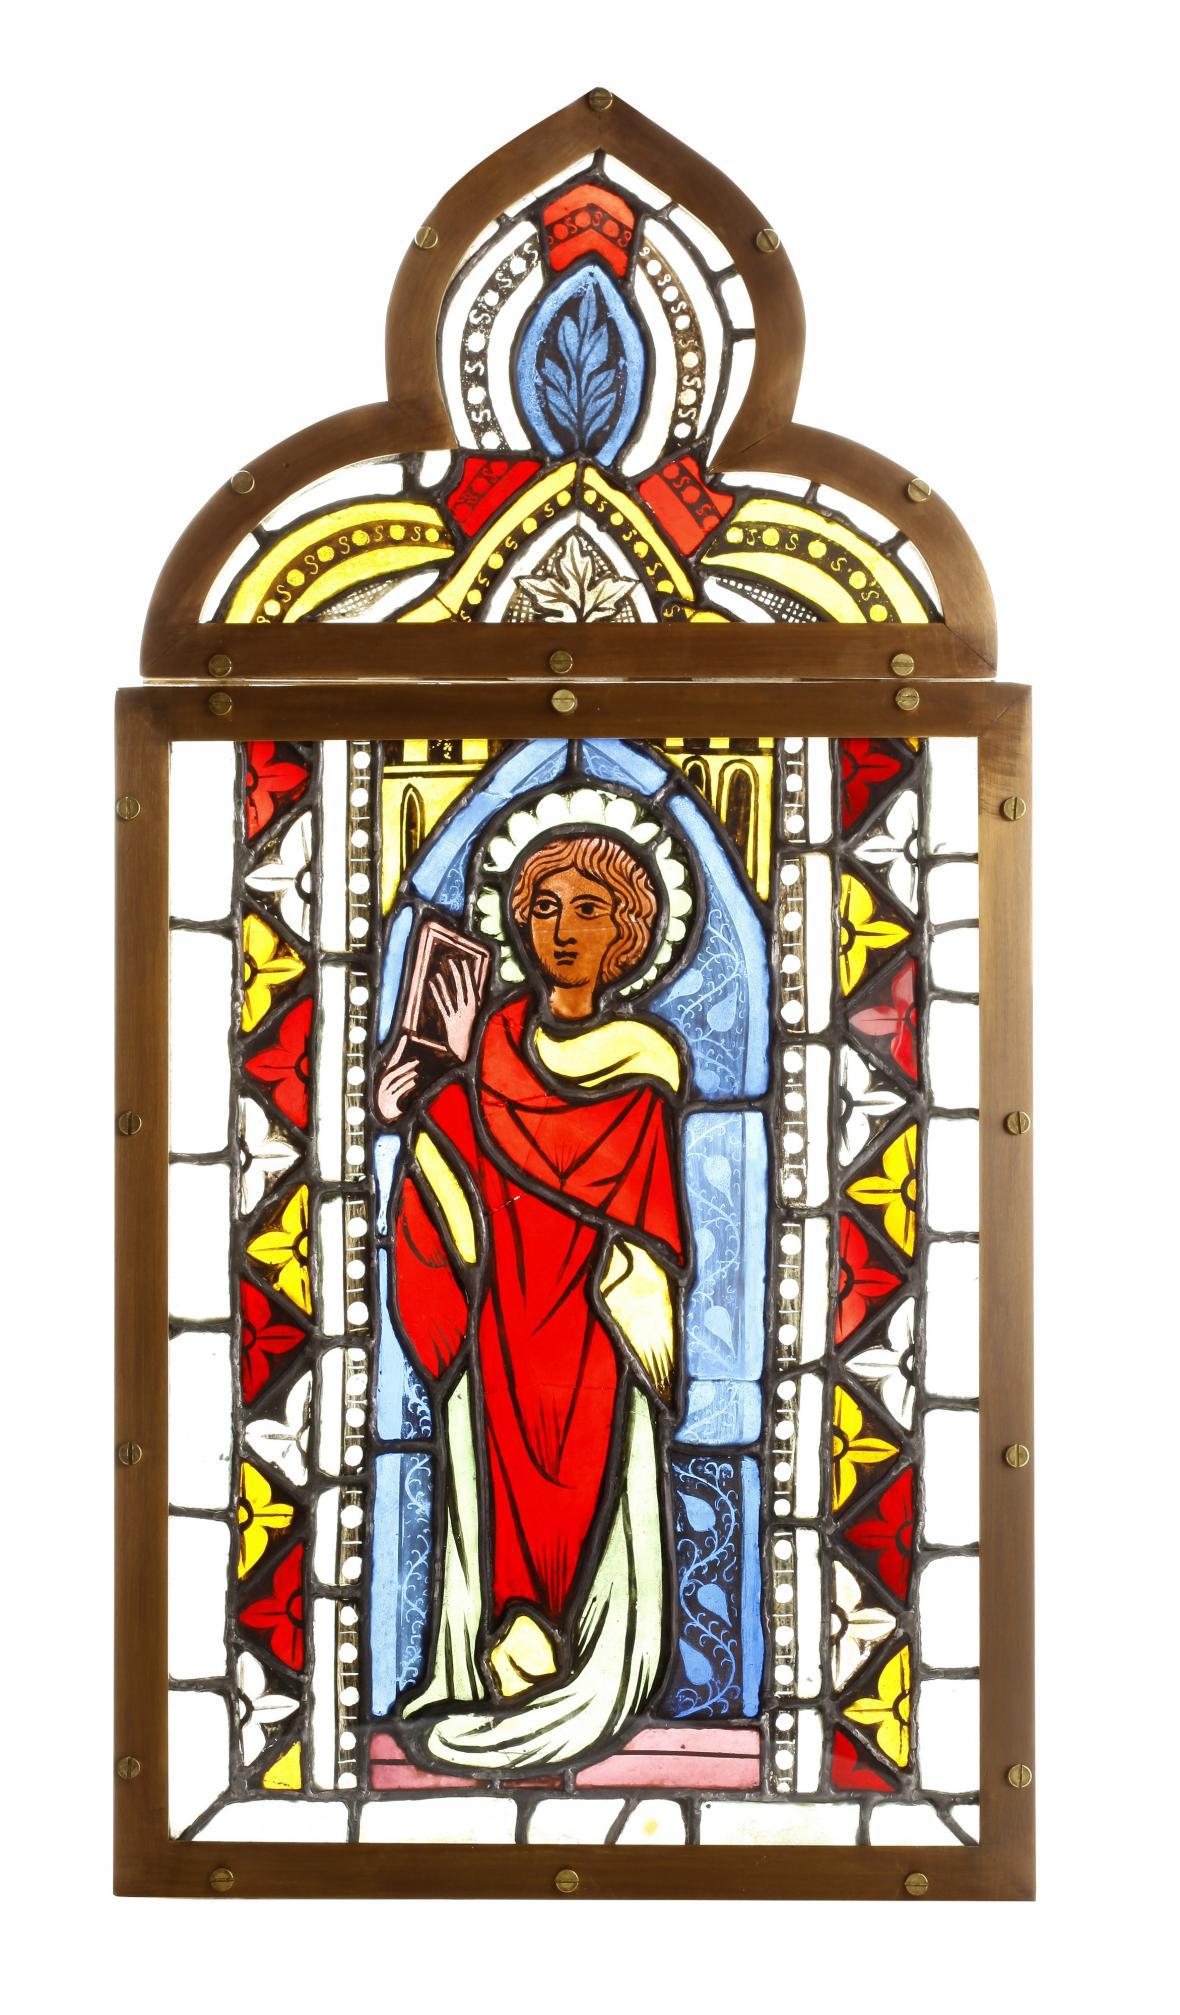 Vitráž s postavou apoštola (z kostela sv. Jakuba v Žebnici, kolem 1340)